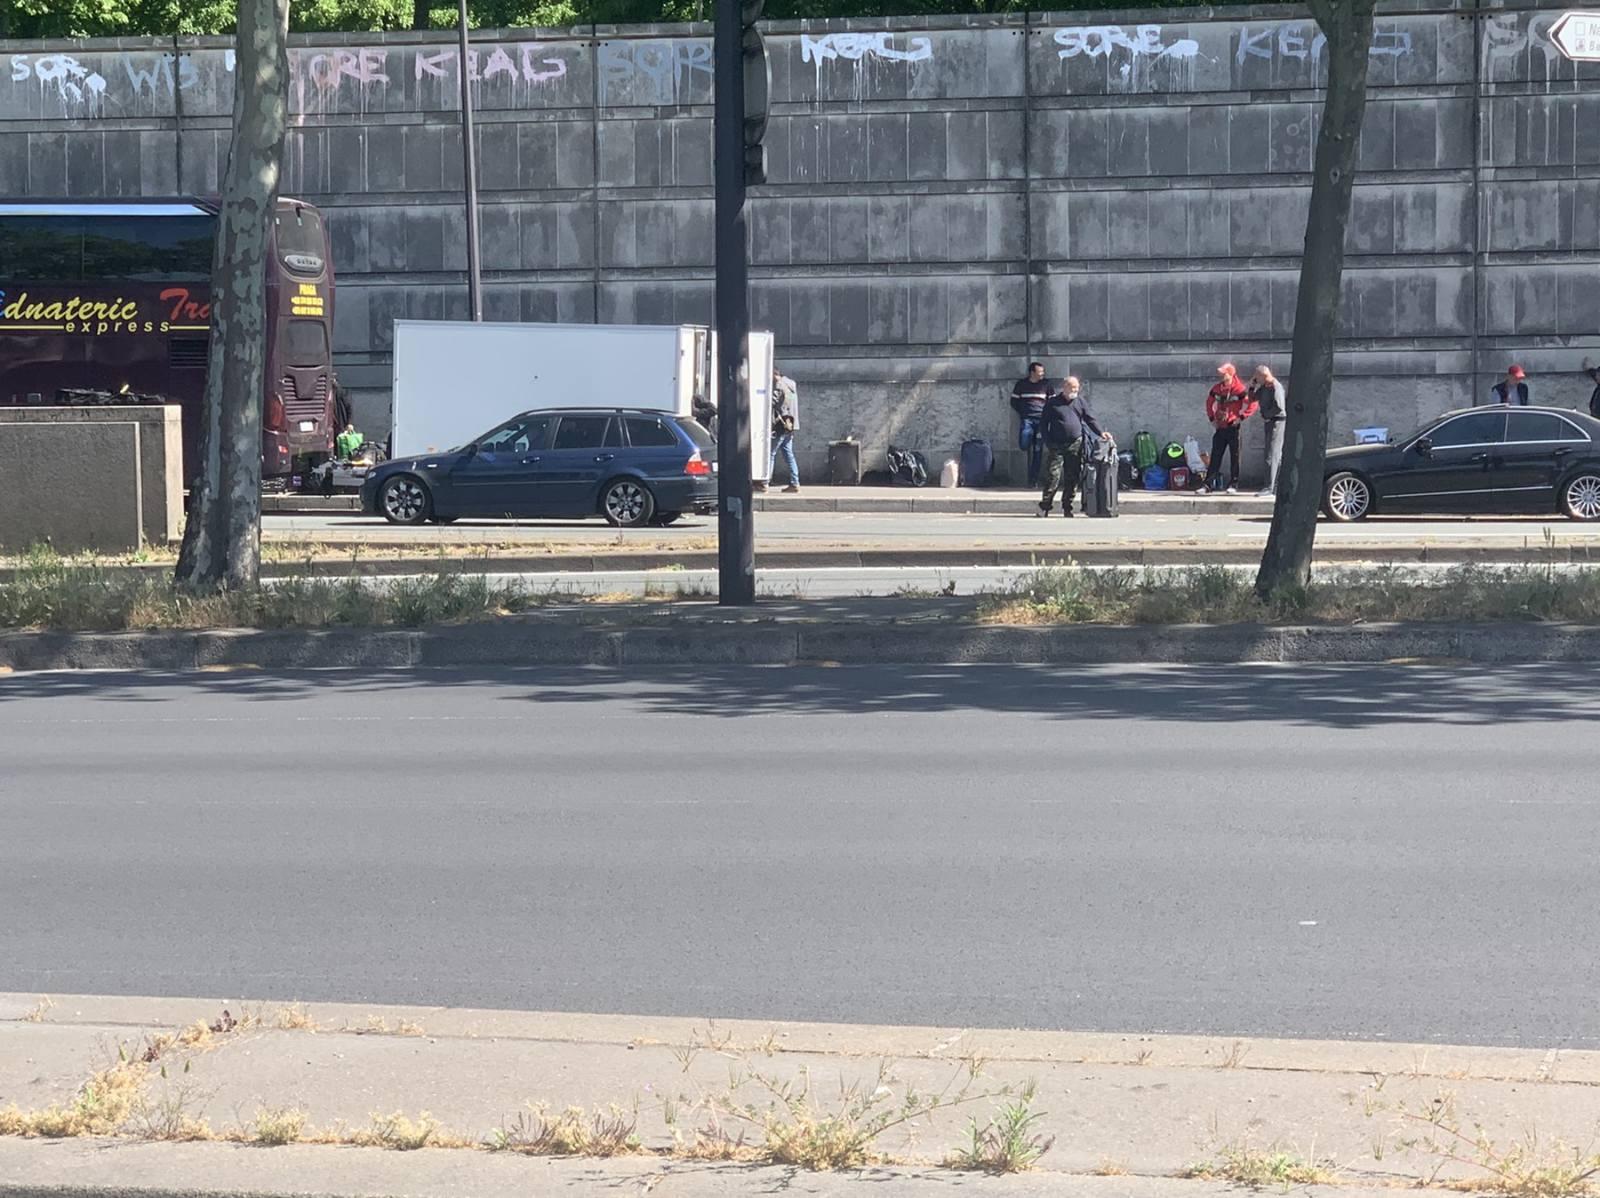 FOTO/VIDEO Mai multe autocare cu moldoveni au fost reîntoarse în Franța. Cursele nu erau autorizate